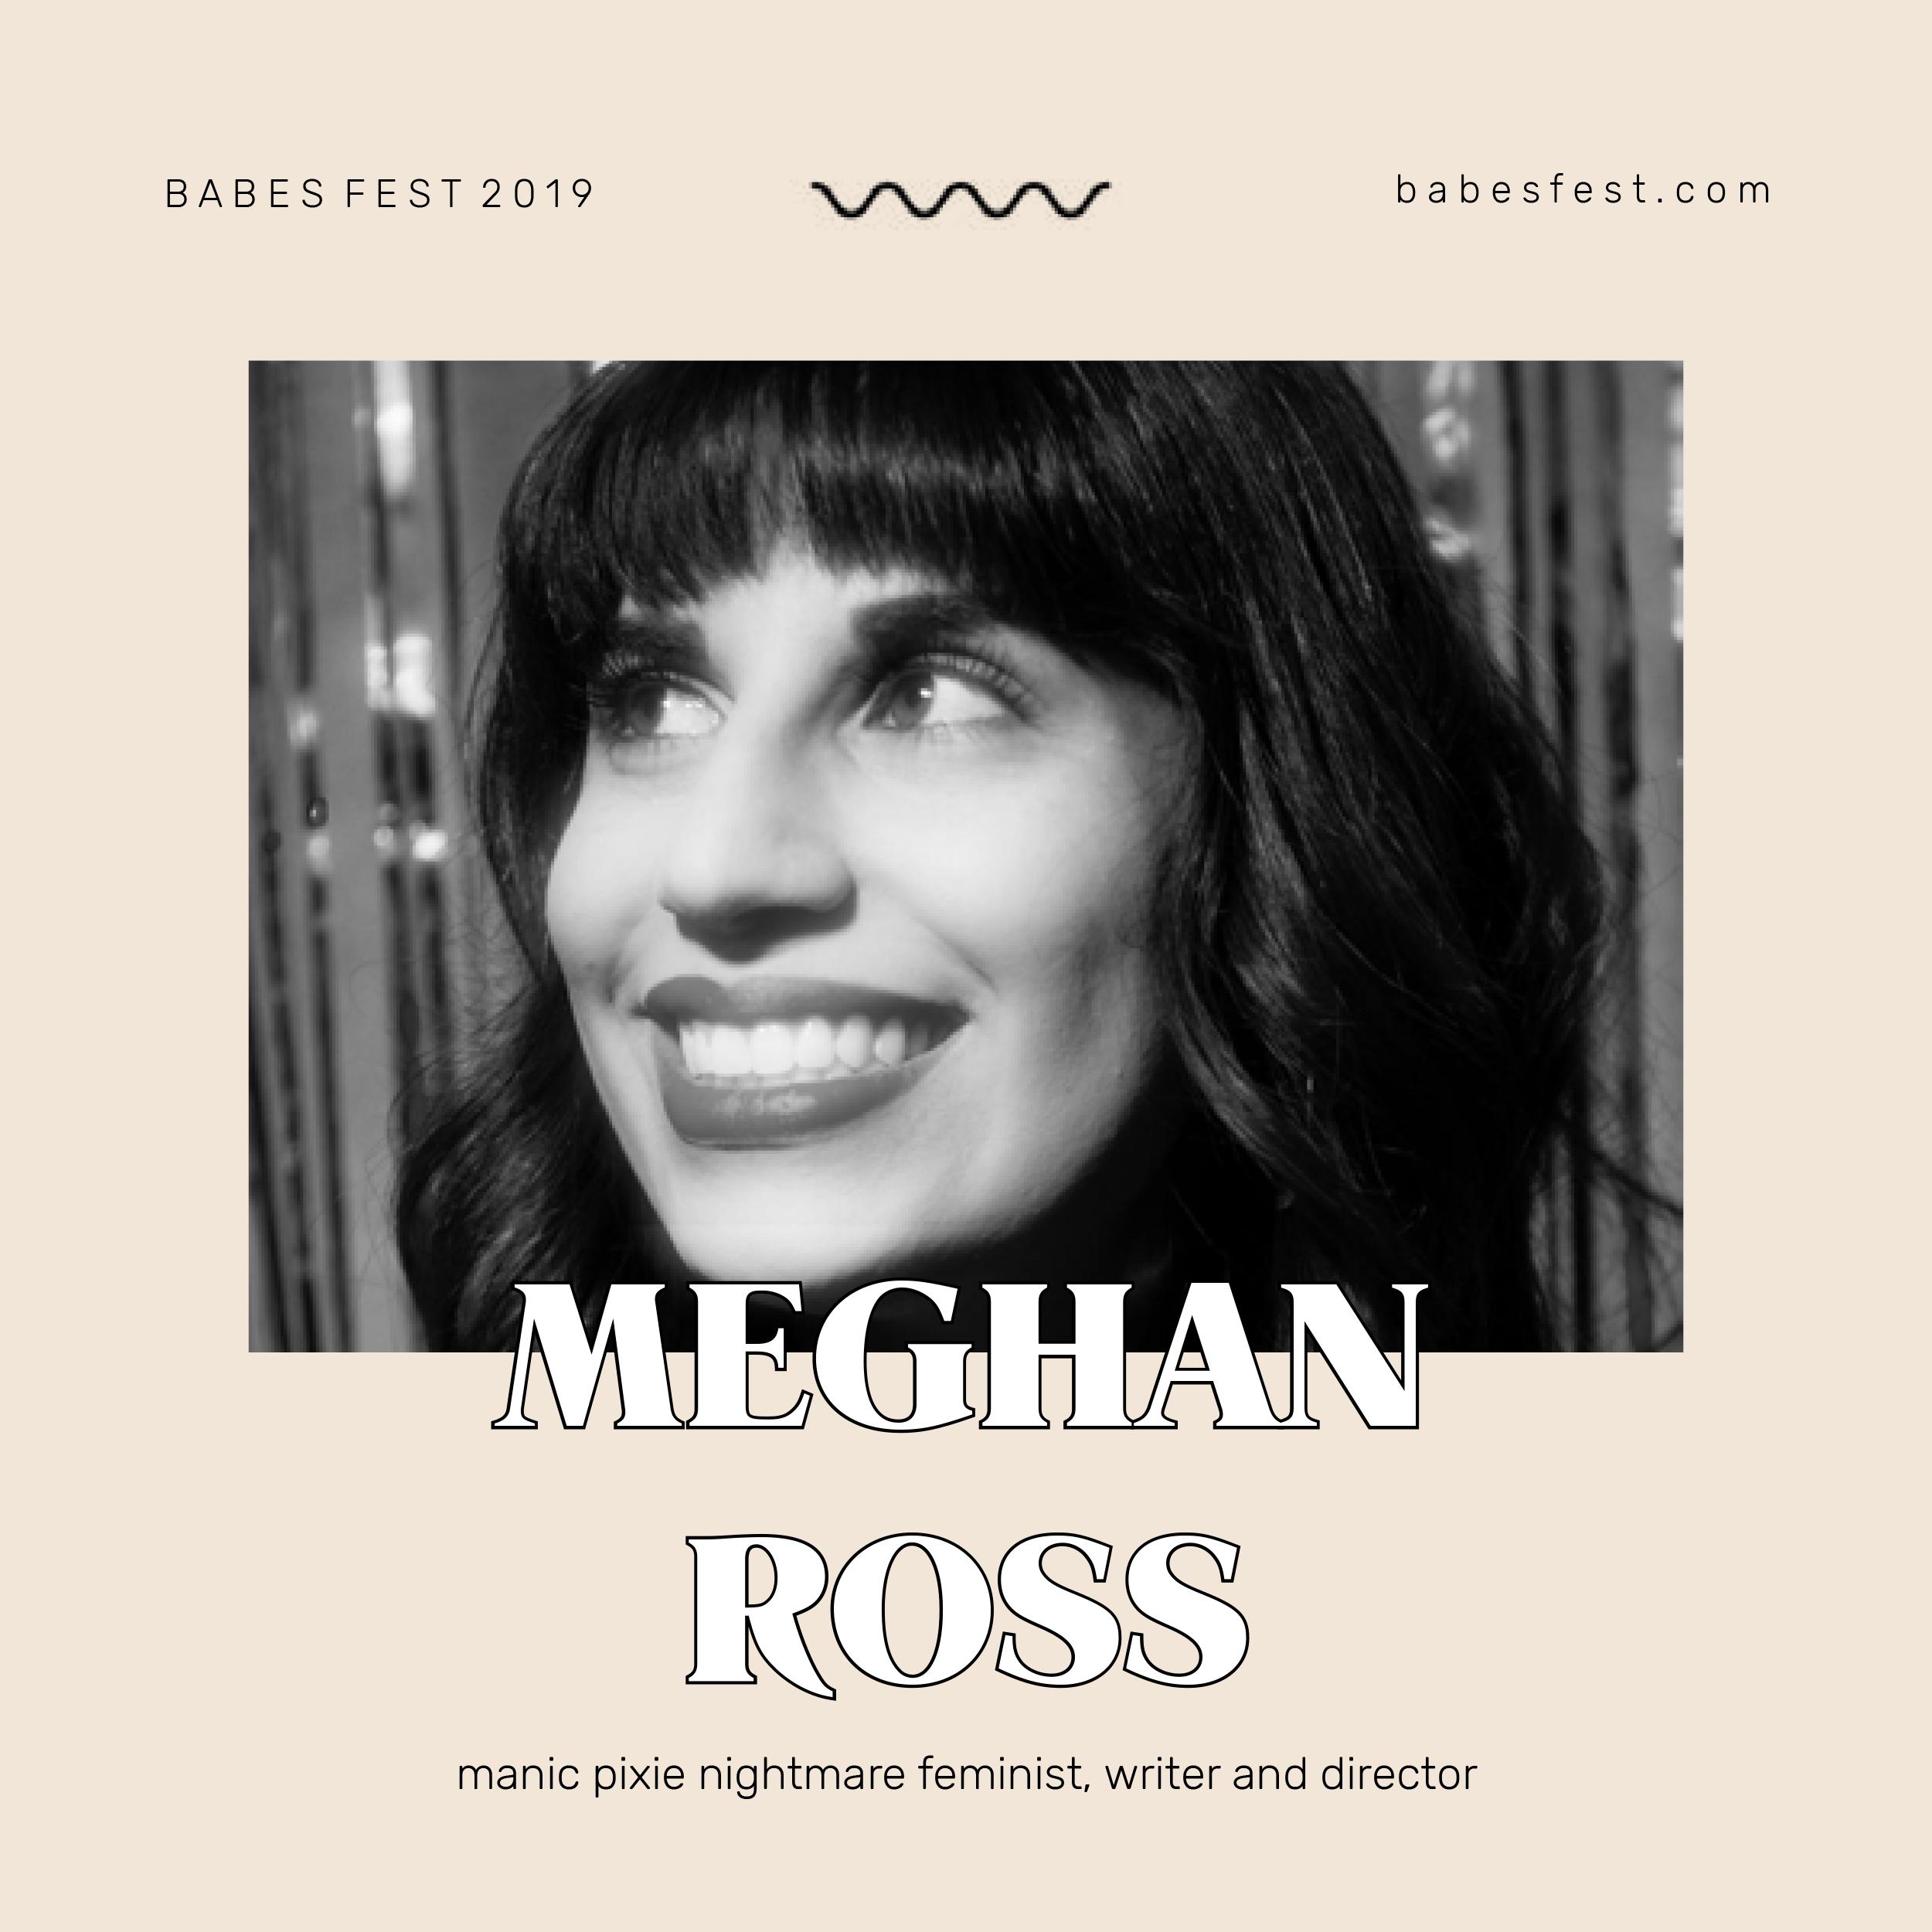 Meghan Ross